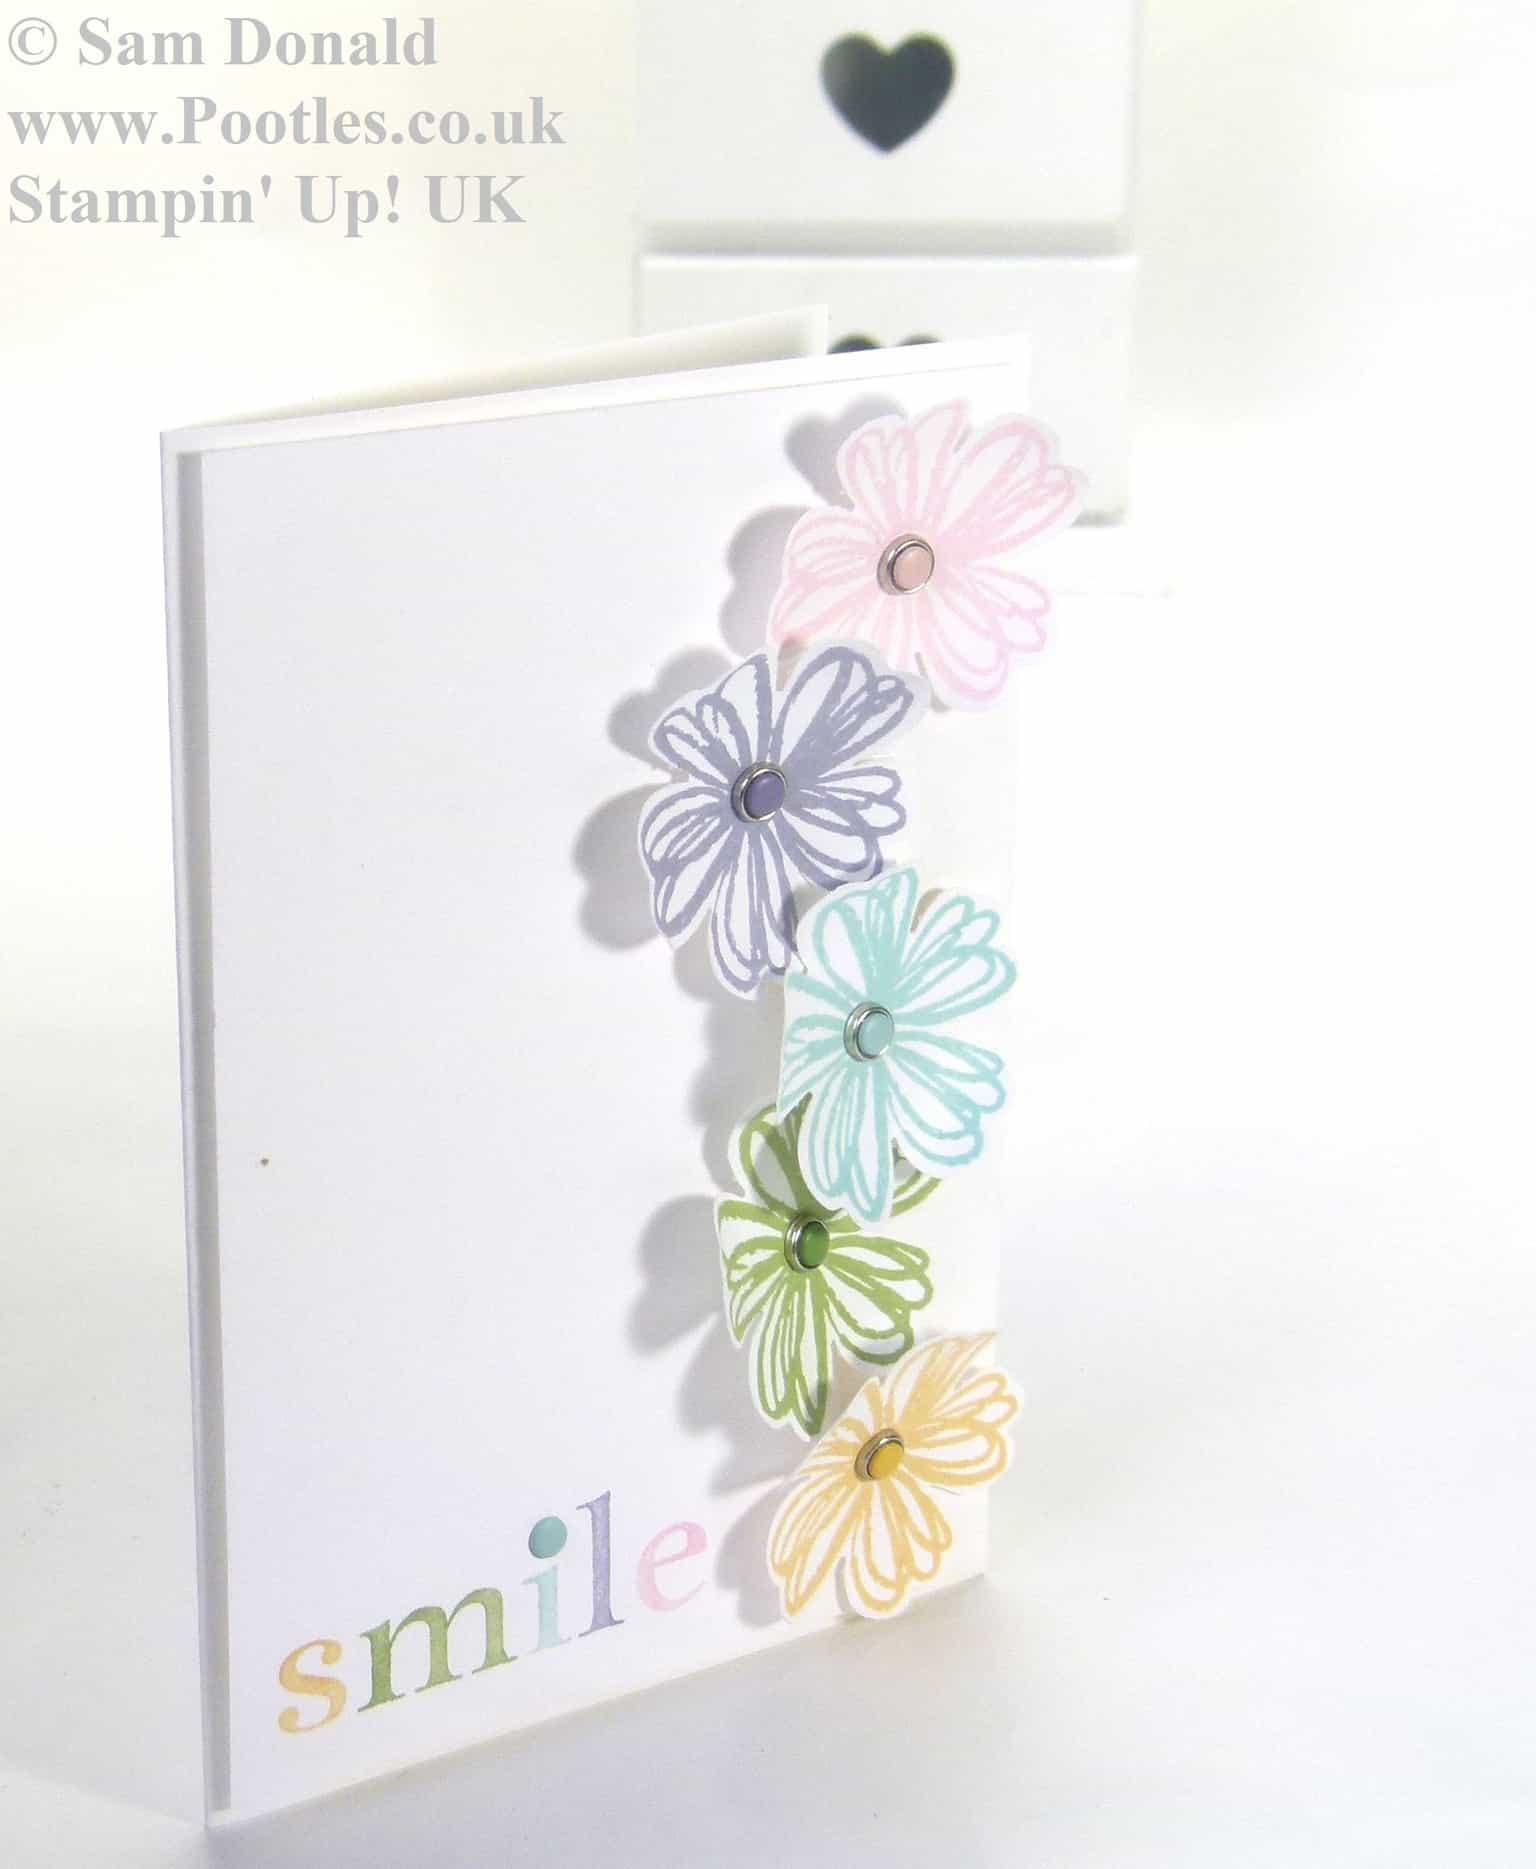 POOTLES Stampin Up UK Subtle Smile 3